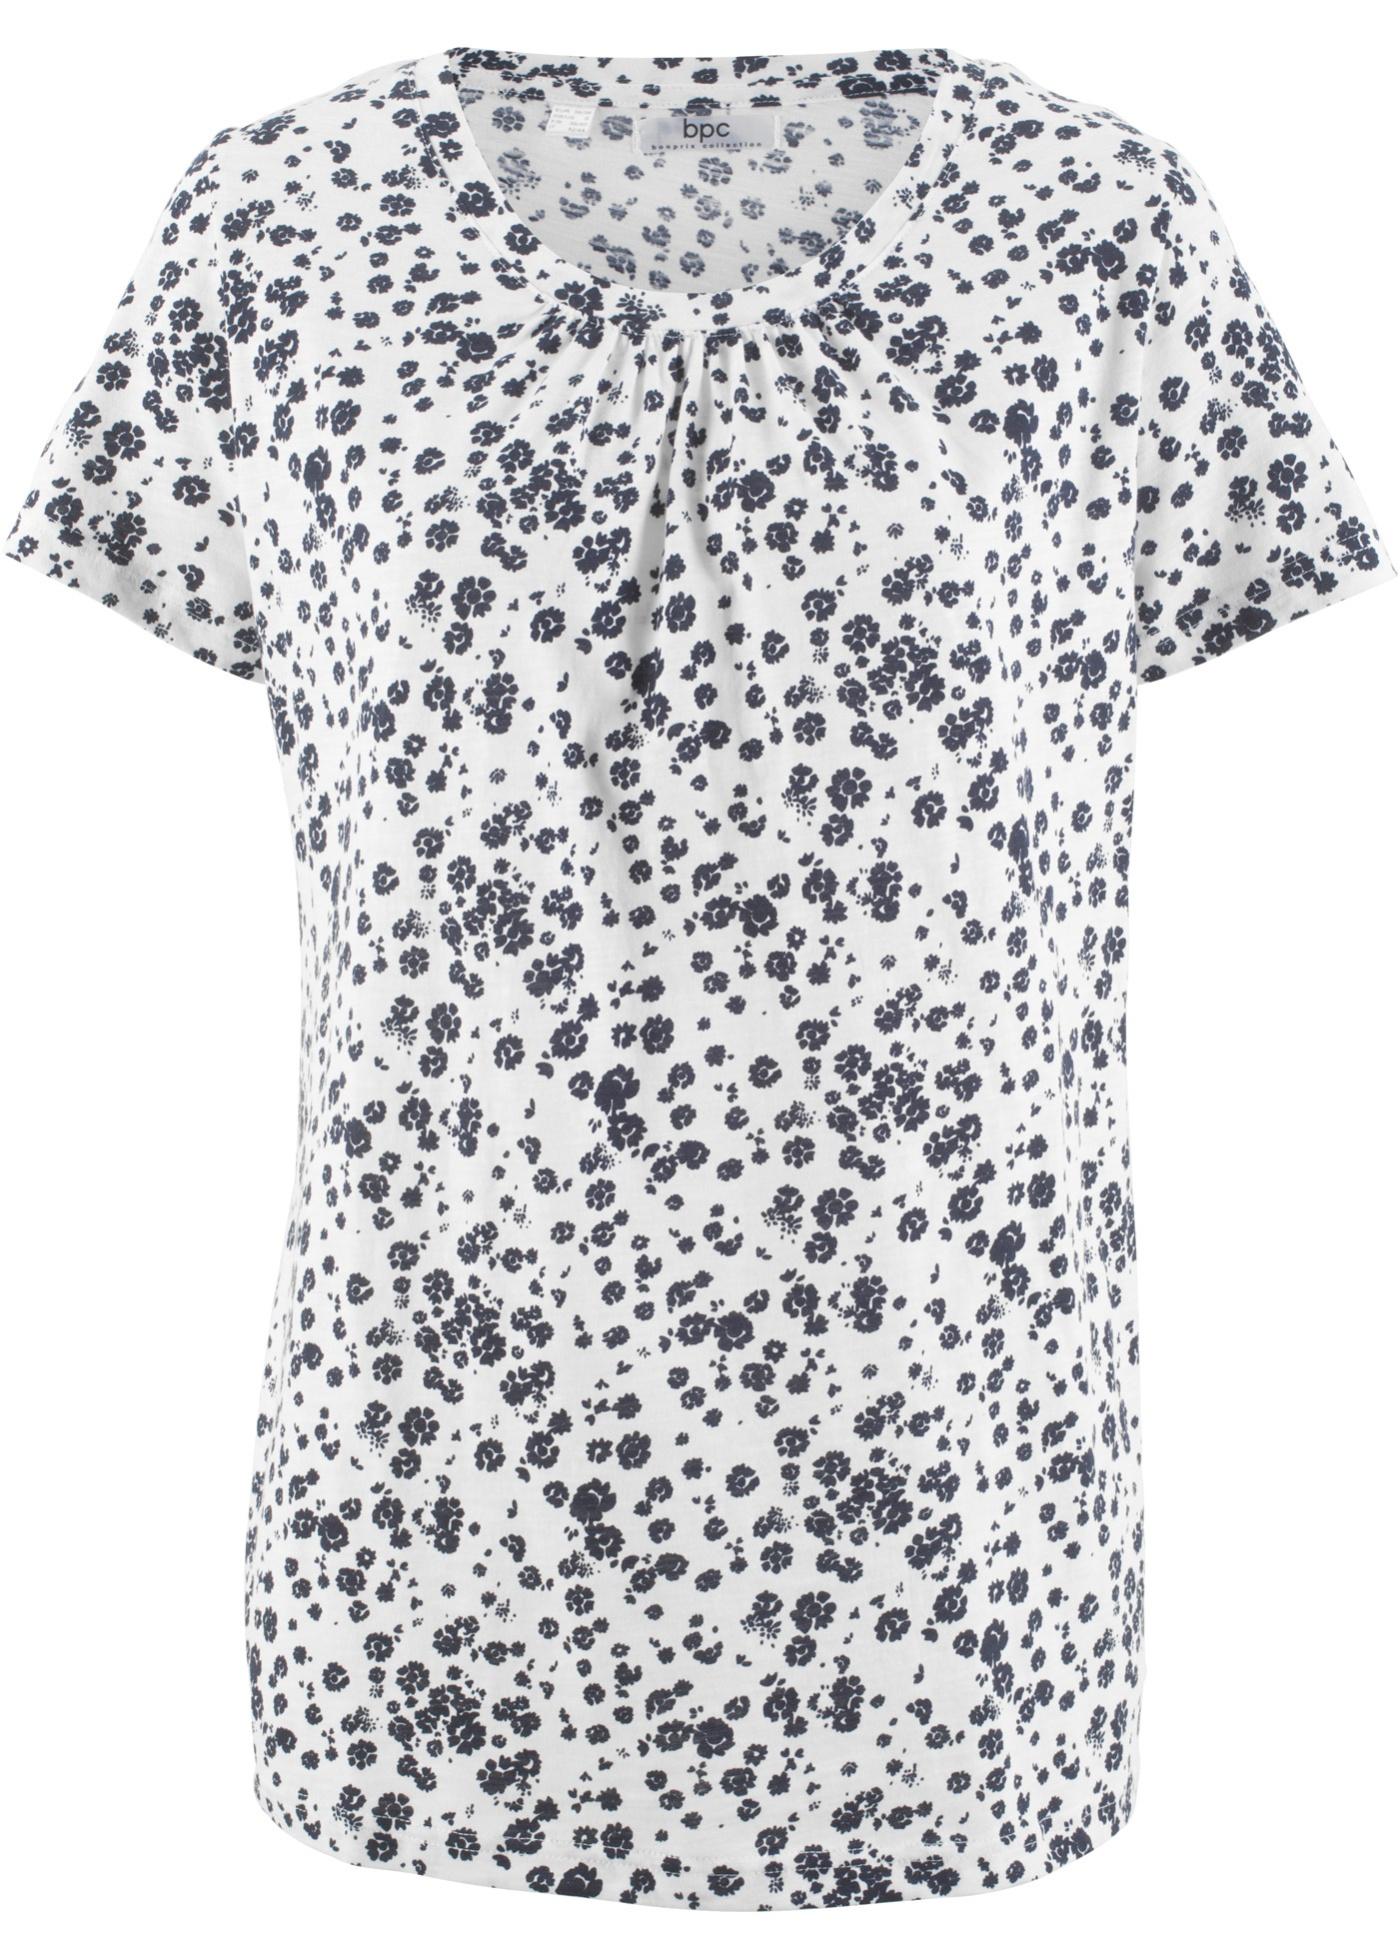 Avec shirt Col Courtes Fronces Bonprix Femme Au Blanc Manches Bpc Pour CollectionT Coton Xn0wOZ8NPk